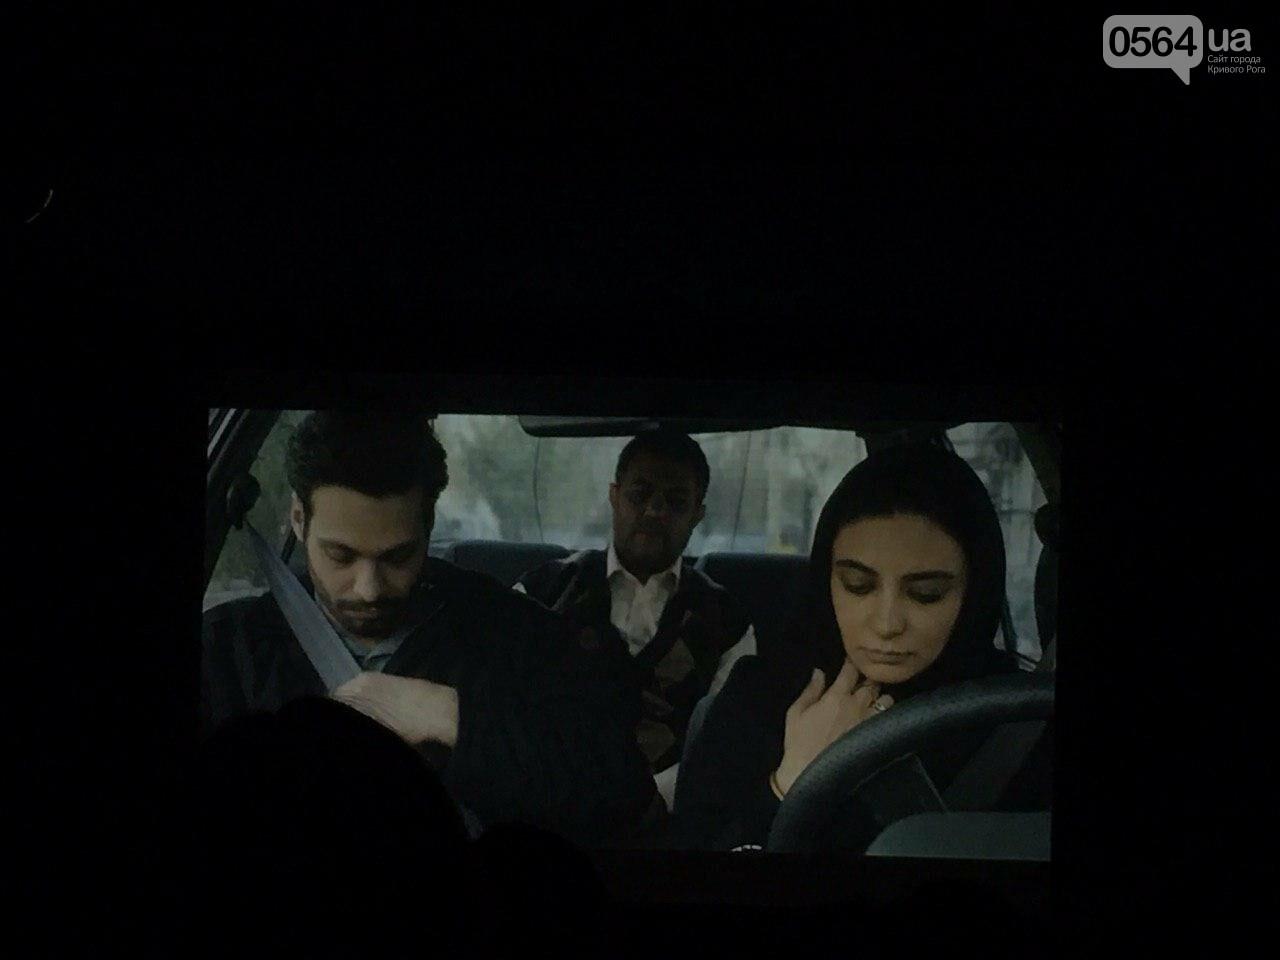 Криворожане проголосовали за лучшие короткометражные фильмы, показанные в рамках Манхеттенского фестиваля, - ФОТО, ВИДЕО , фото-3